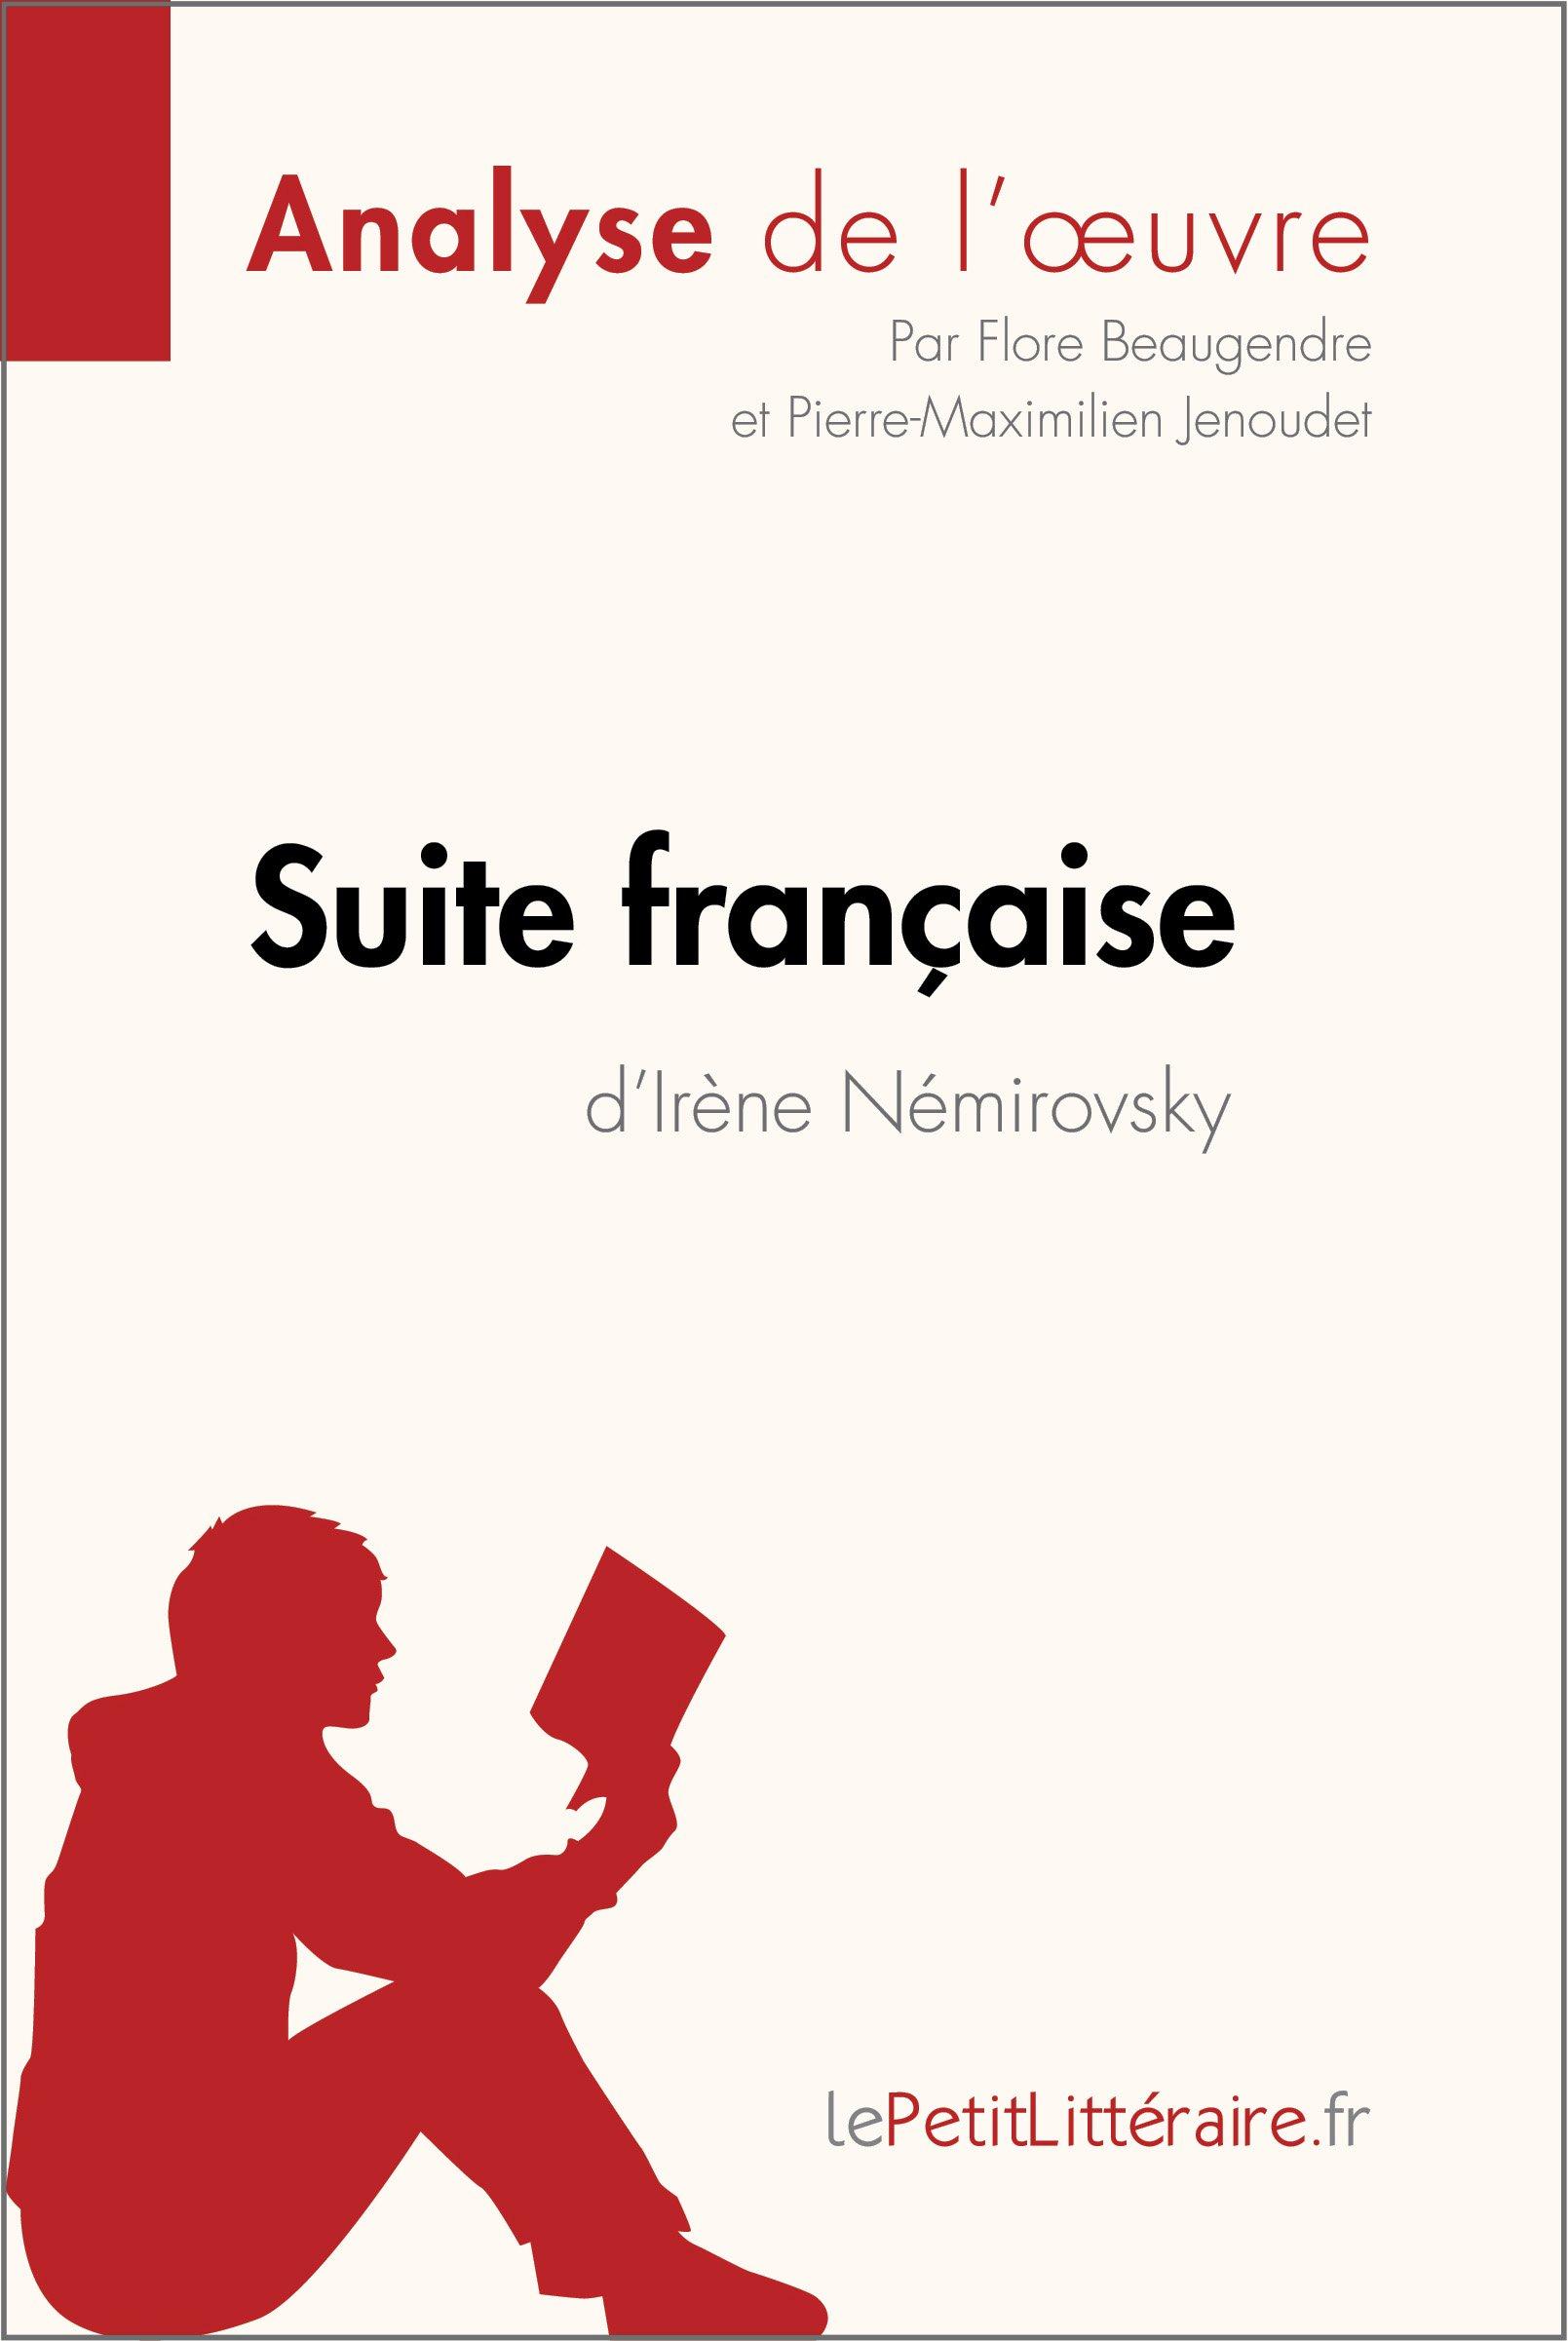 Suite française d'Irène Némirovsky (Analyse de l'oeuvre): Comprendre la littérature avec lePetitLittéraire.fr (Fiche de lecture) (French Edition)